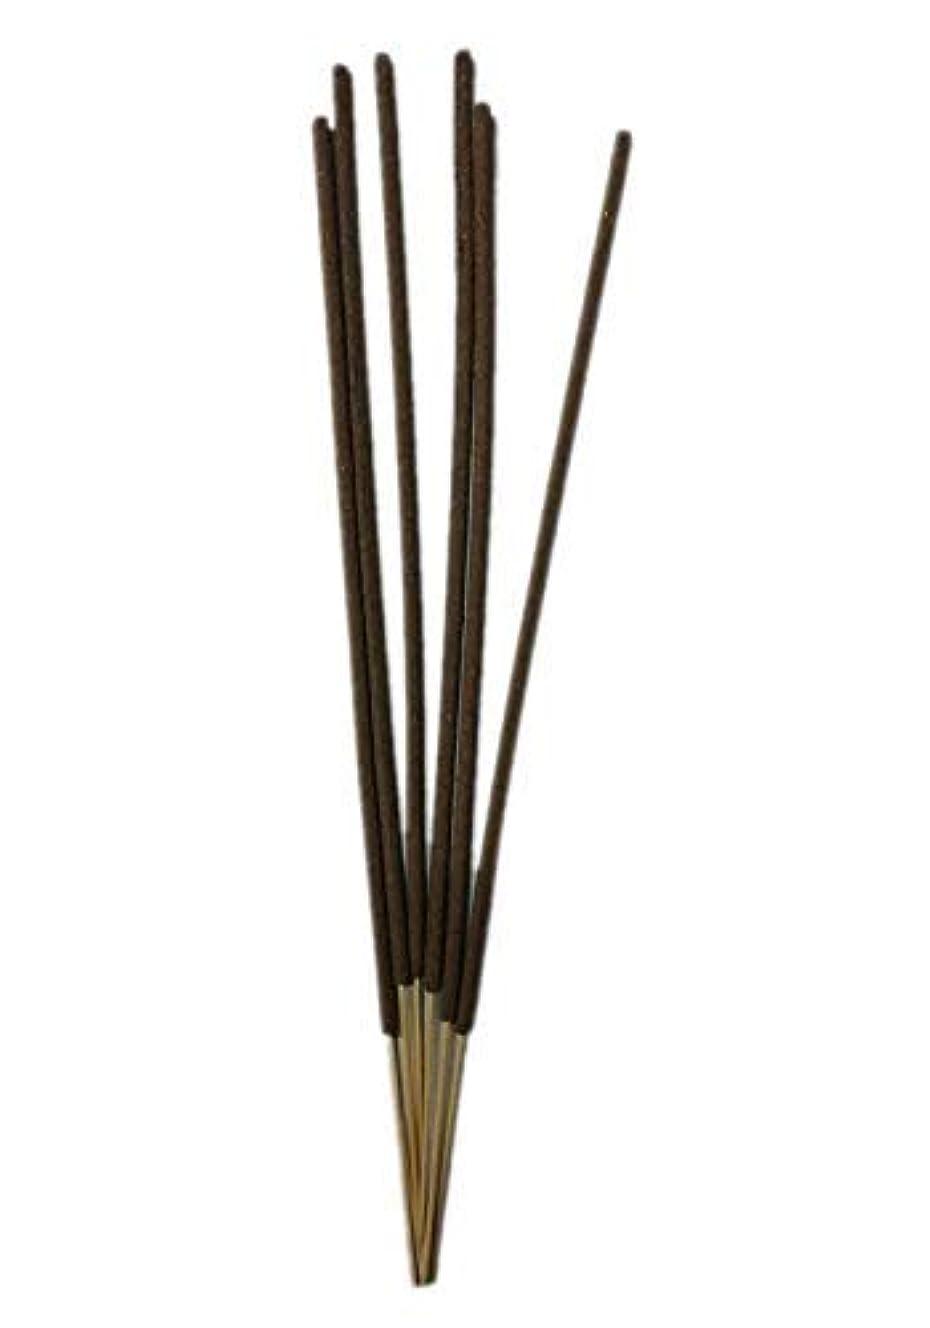 位置するセーブ拡散するAMUL Agarbatti Brown Incense Sticks (1 Kg. Pack)